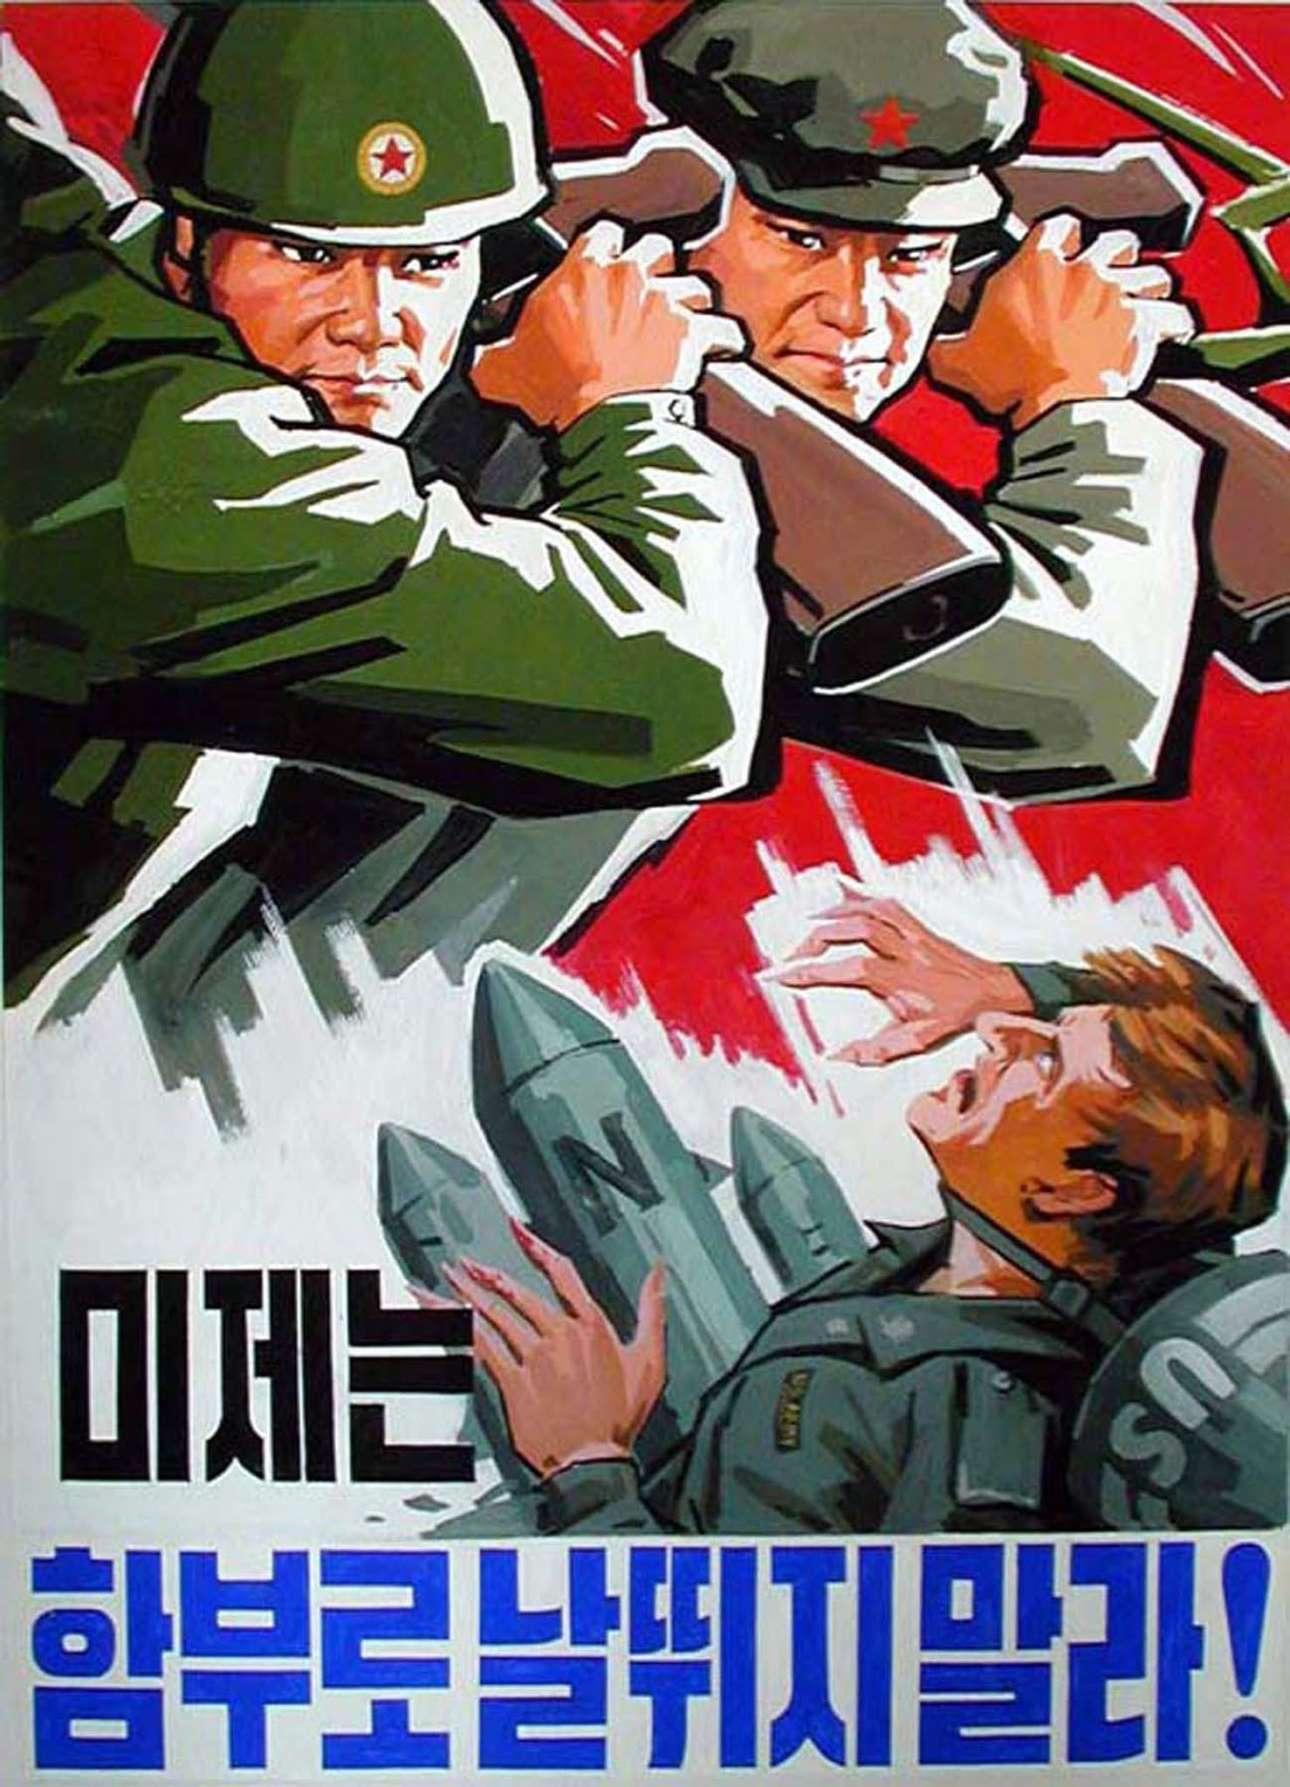 «Οι αμερικανοί ιμπεριαλιστές δεν πρέπει να προκαλούν απερίσκεπτα πόλεμο» υποστηρίζει η παραπάνω αφίσα